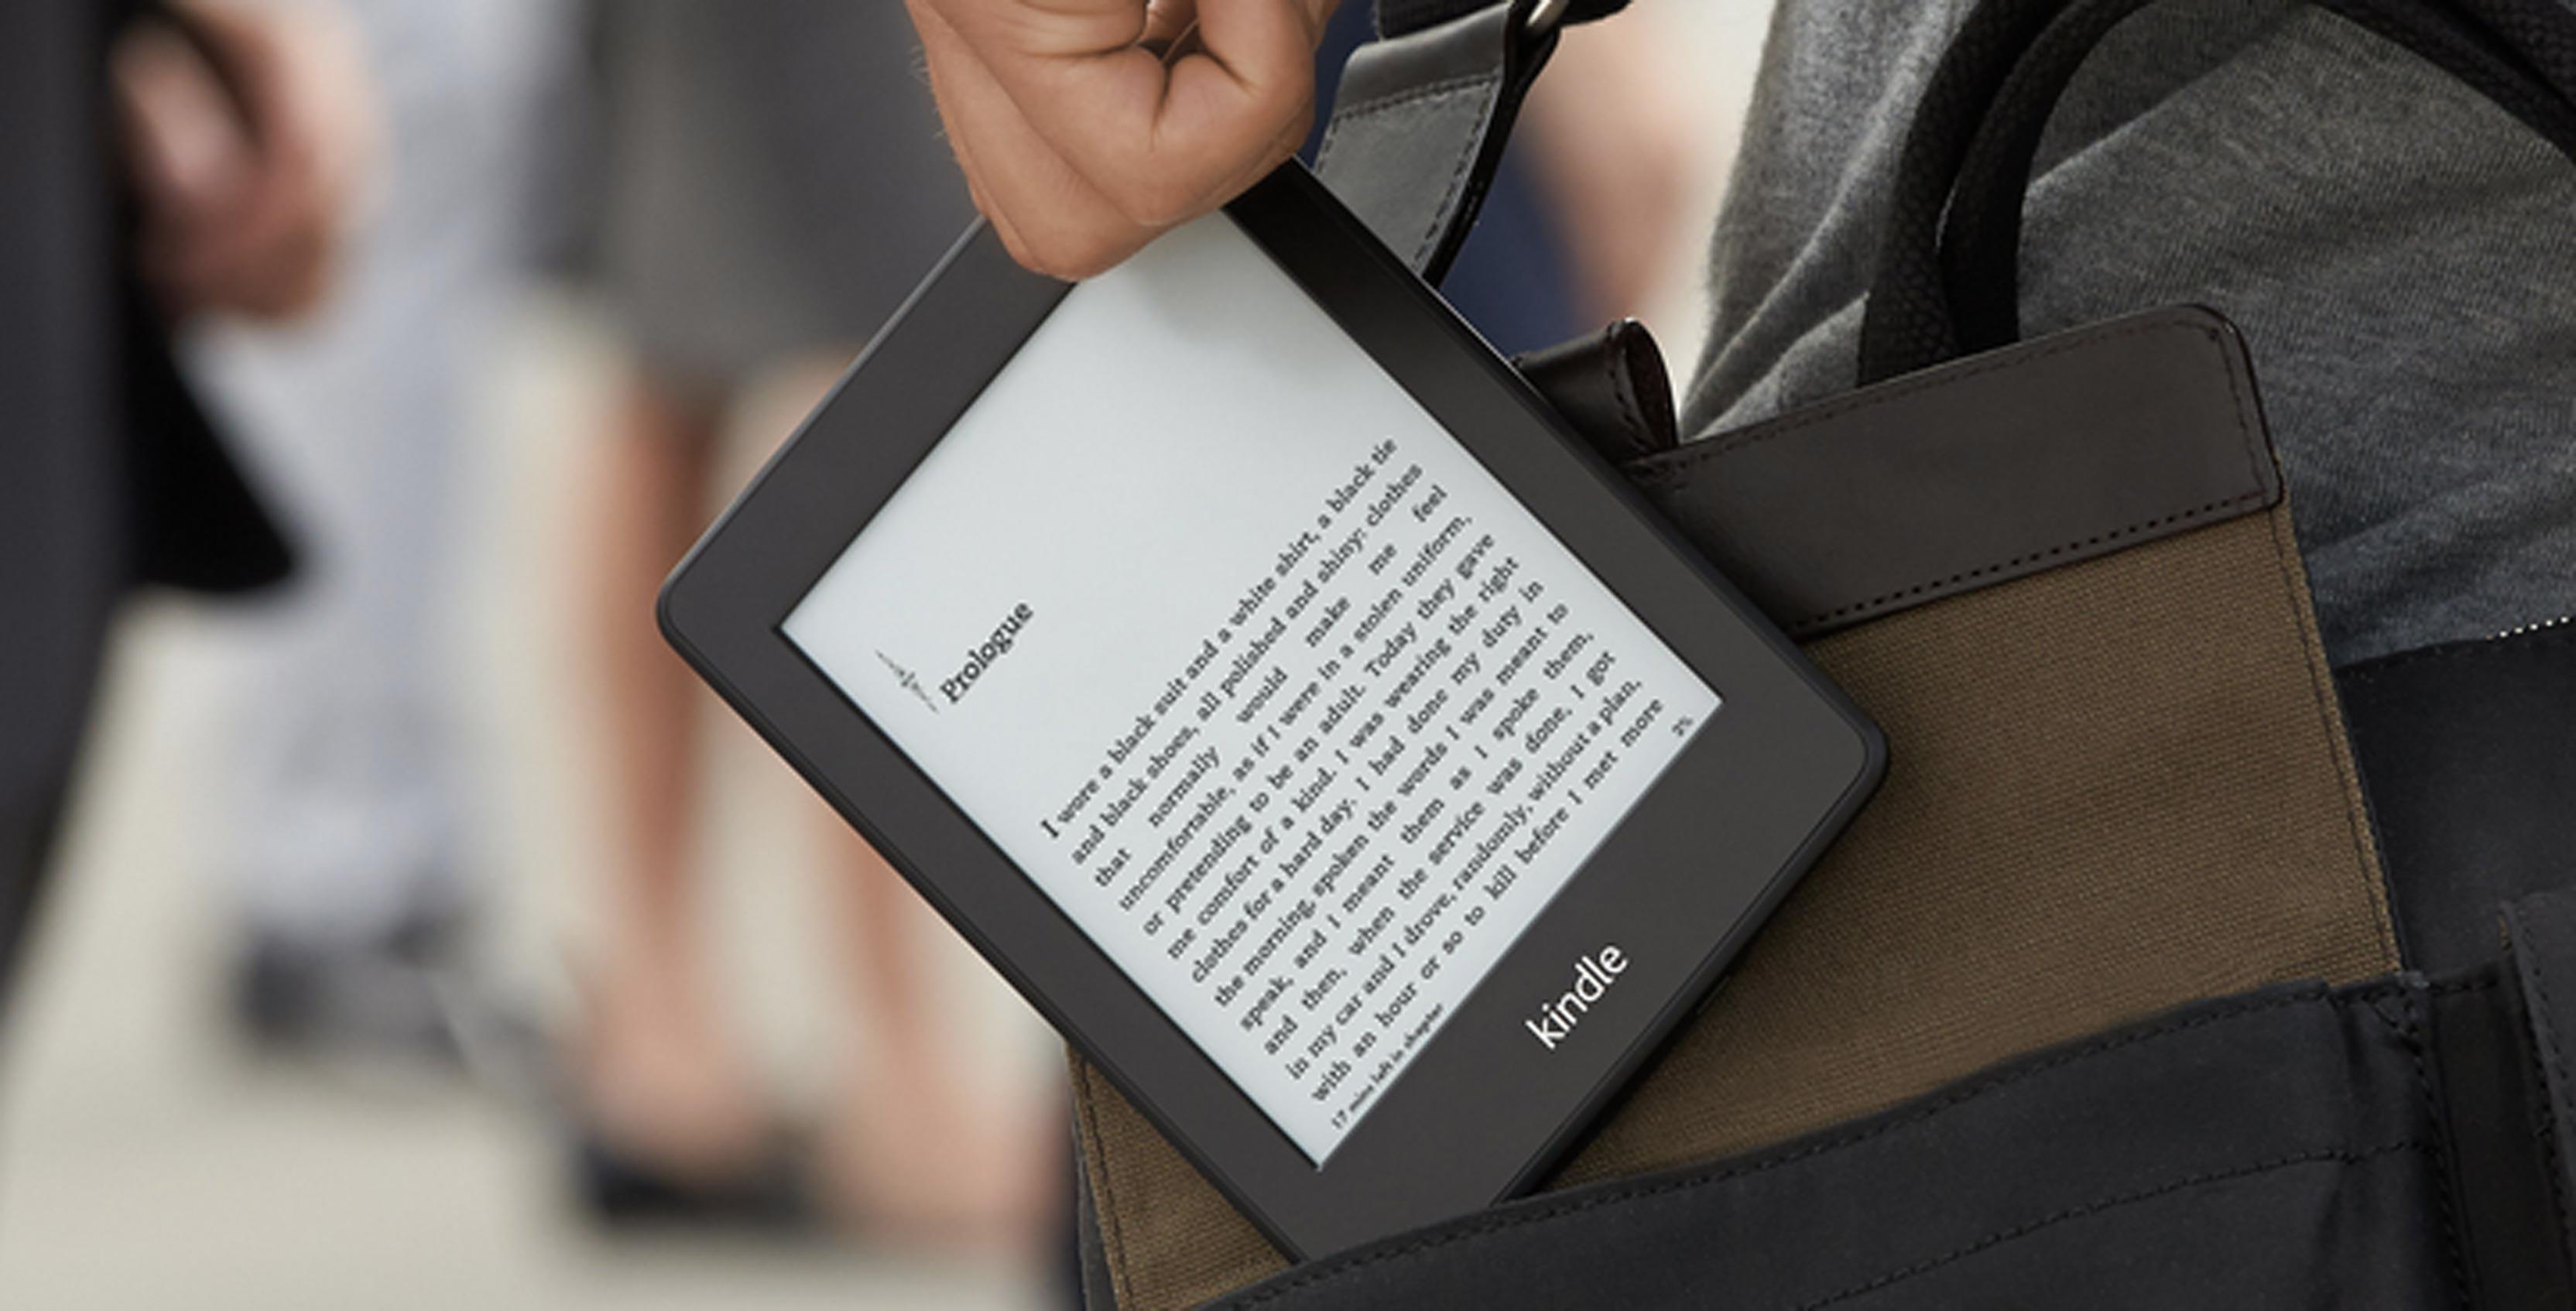 Amazon Kindle Paperwhite promotional image